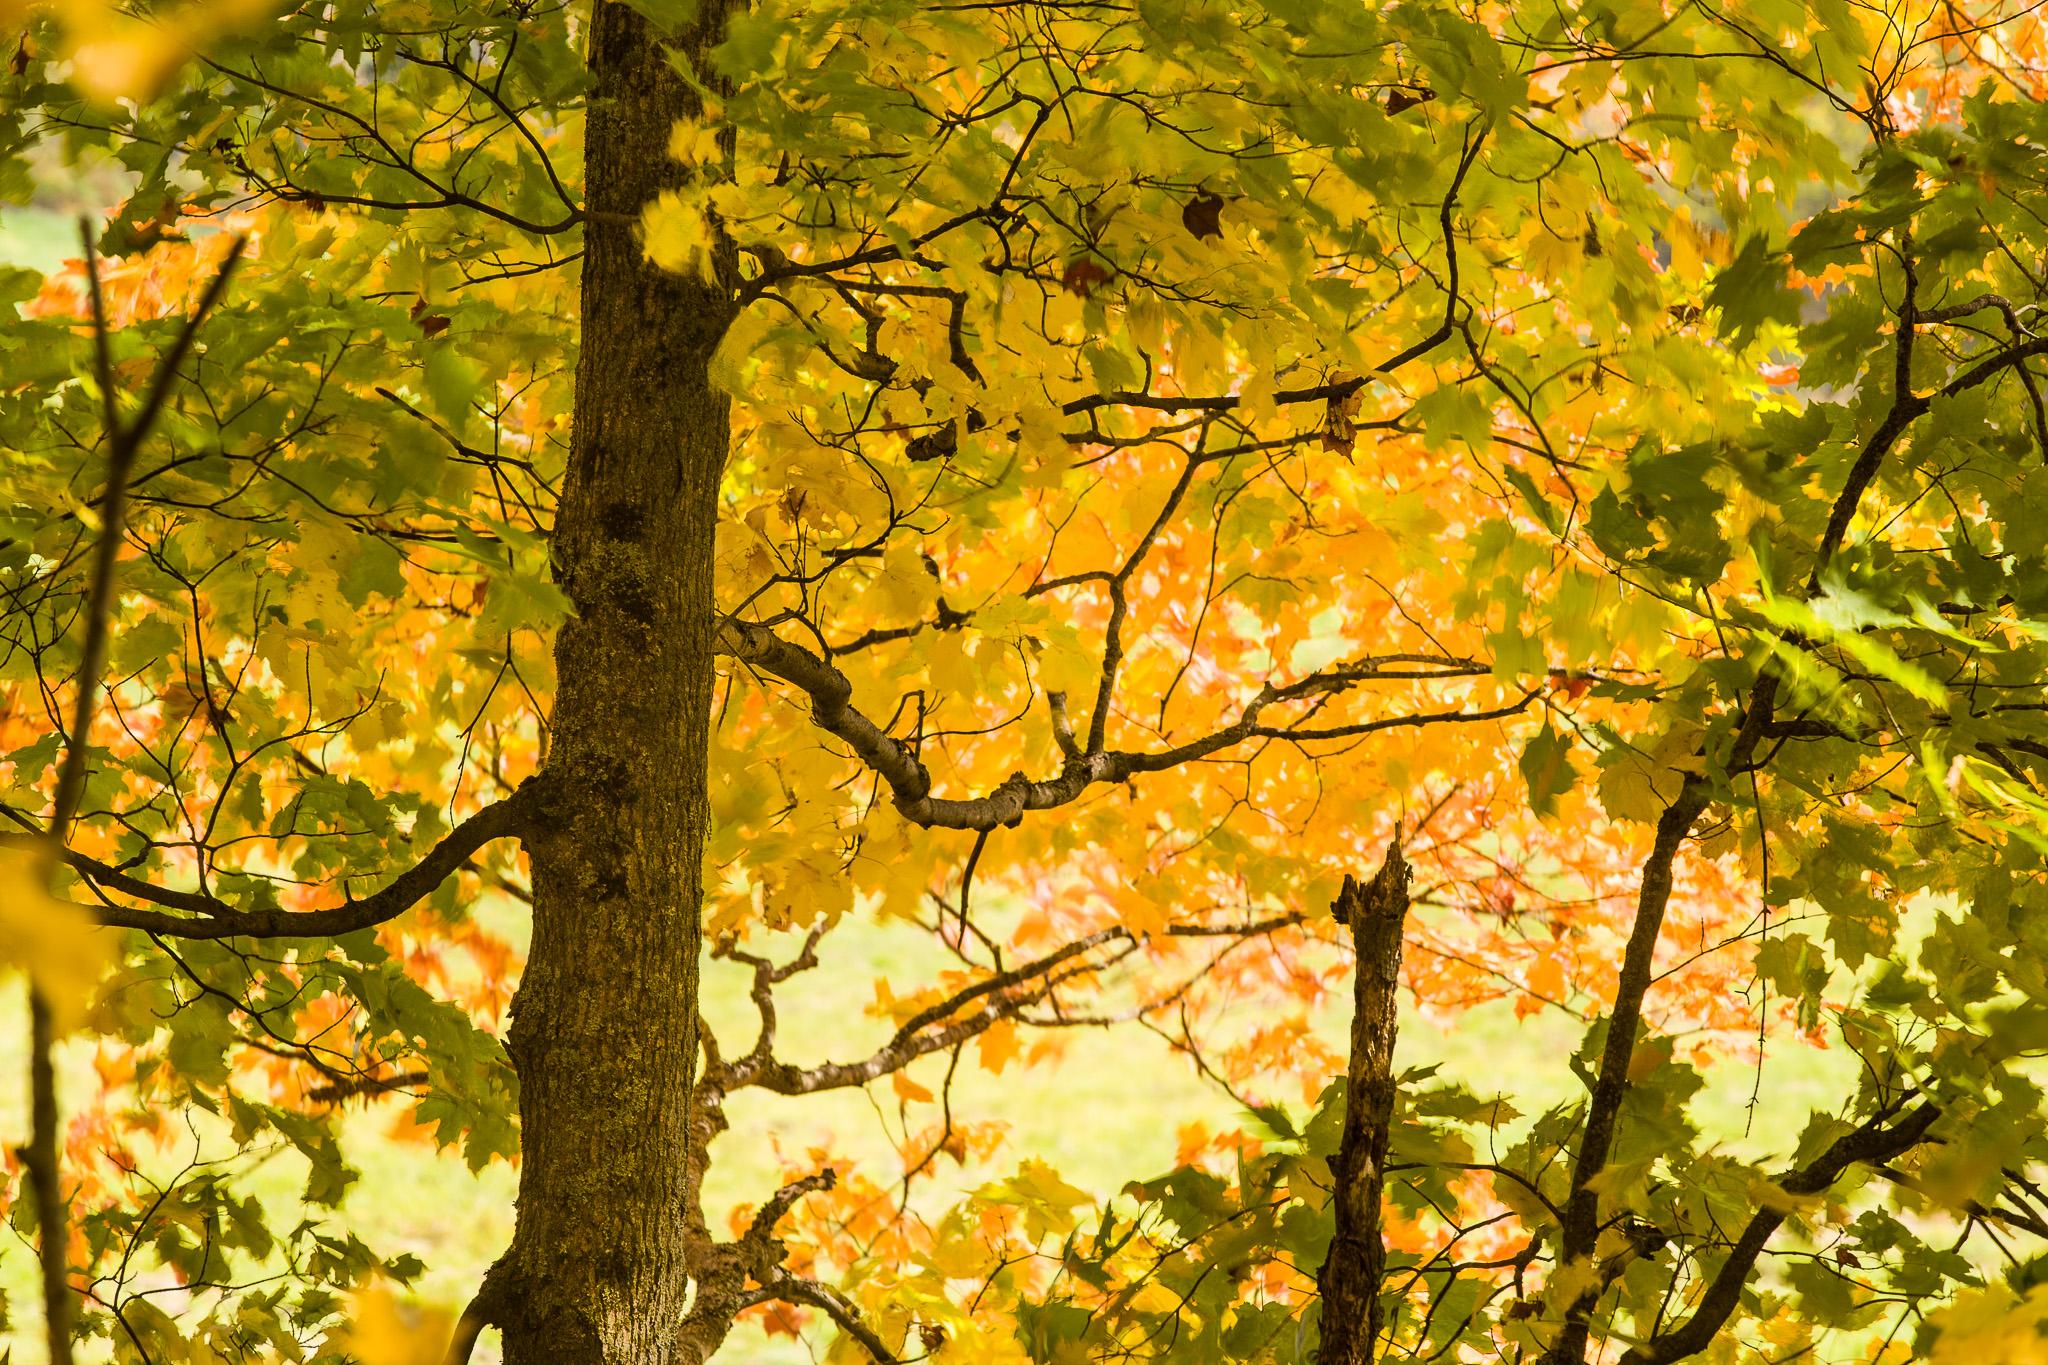 Under an Autumn Canopy